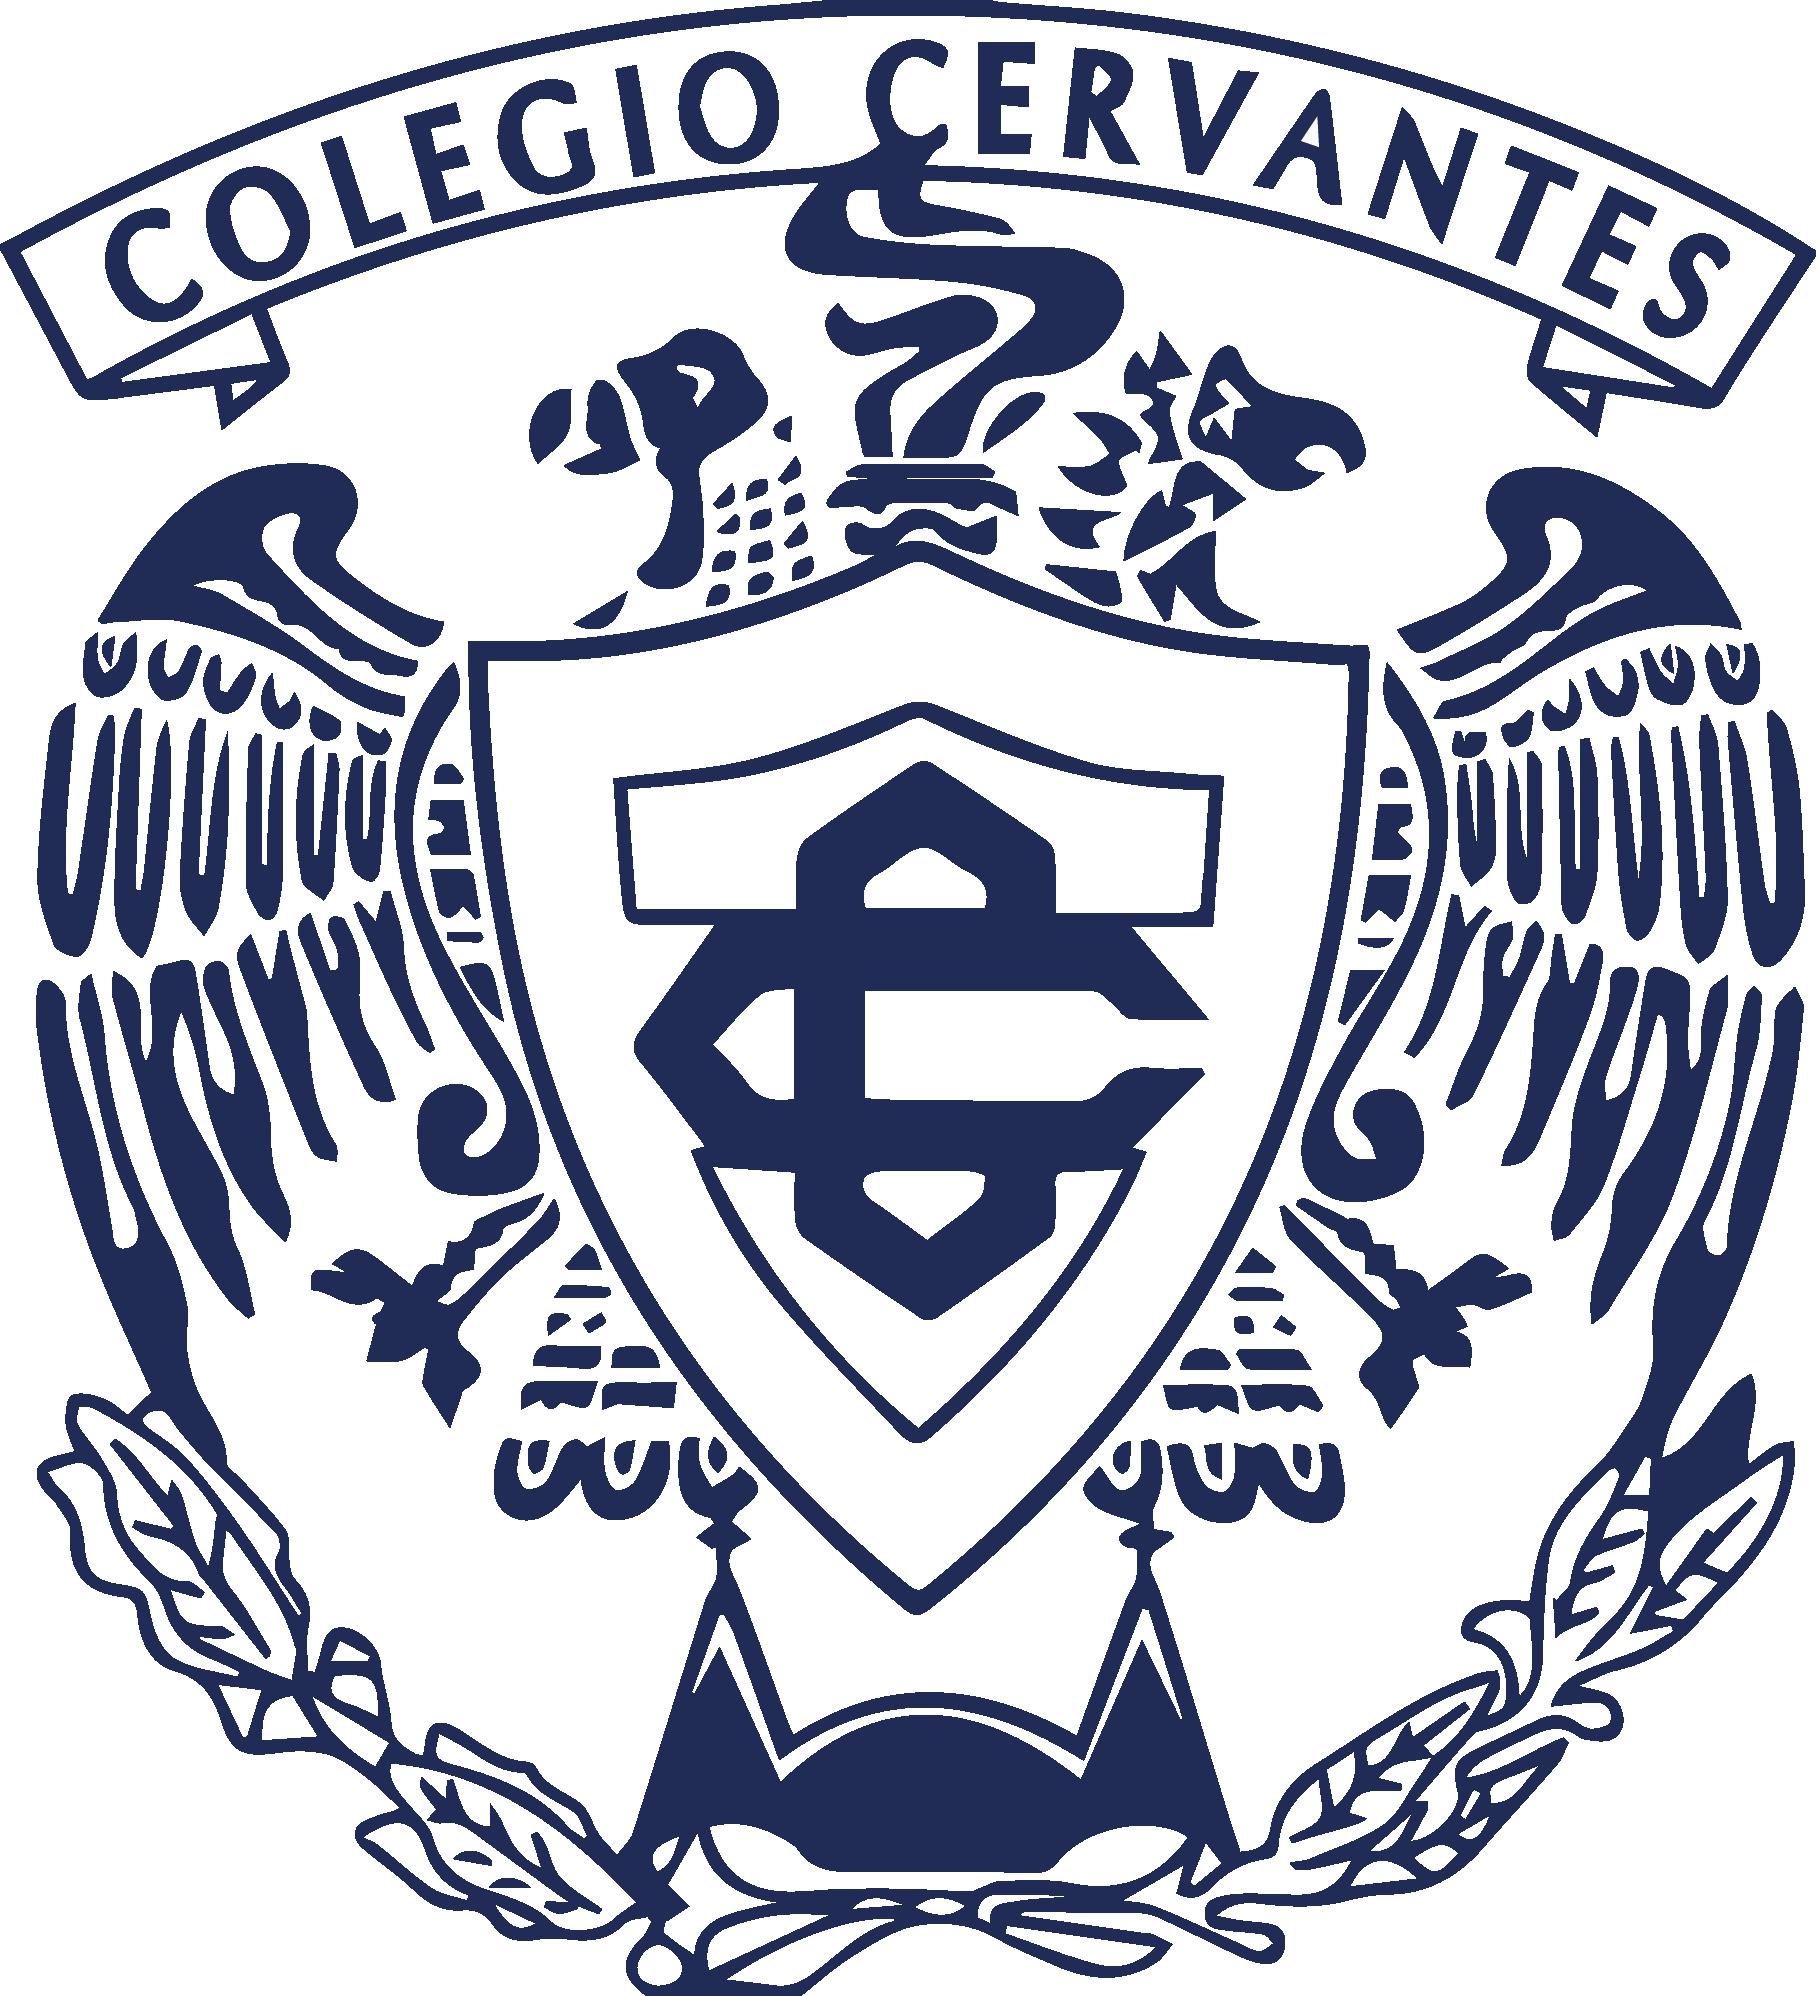 Colegio Cervantes Preparatoria